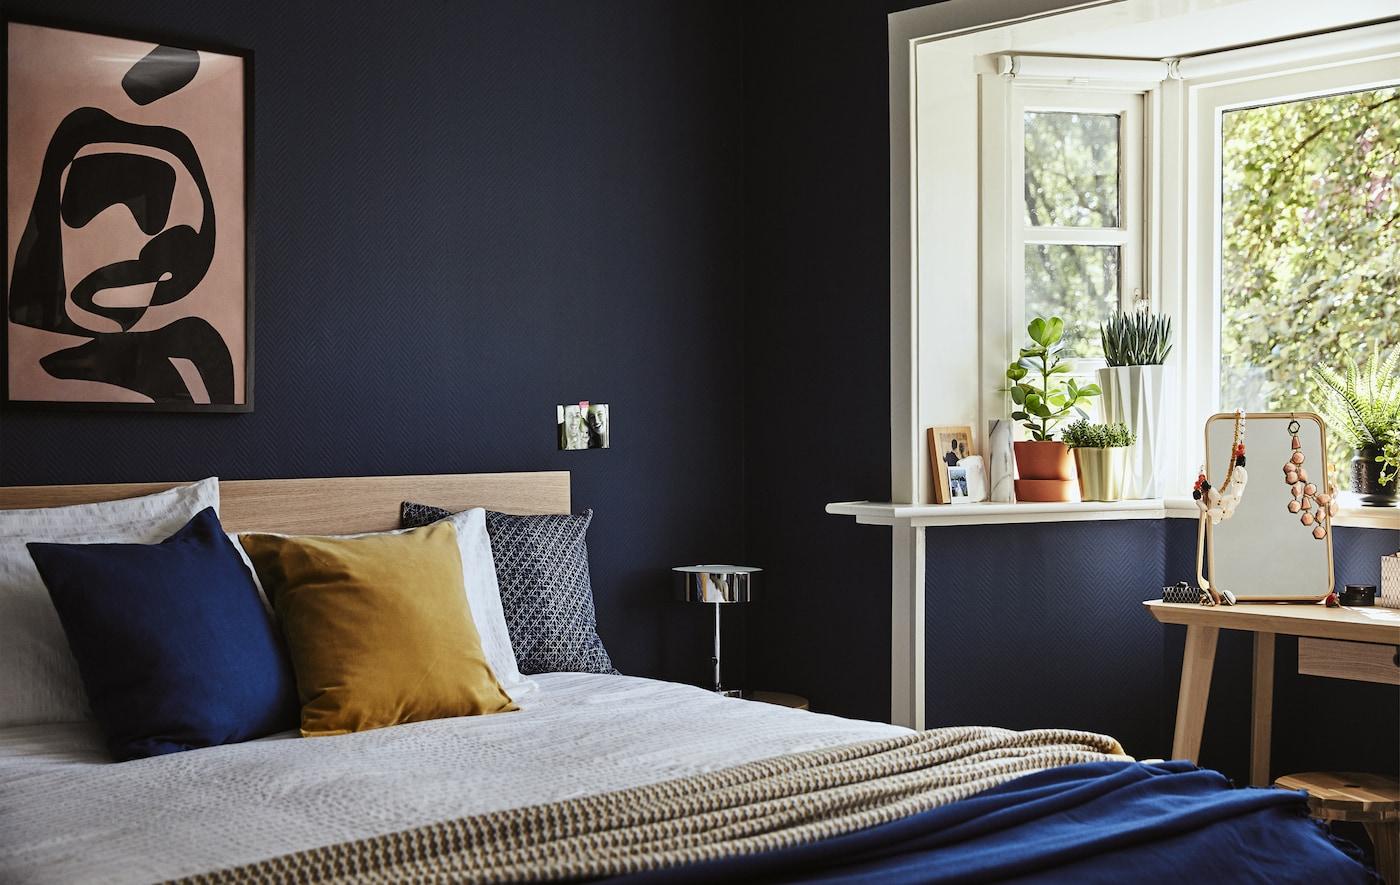 Chambre À Organiser Et Ikea Comment Une Coucher Calme Reposante DH29IEW